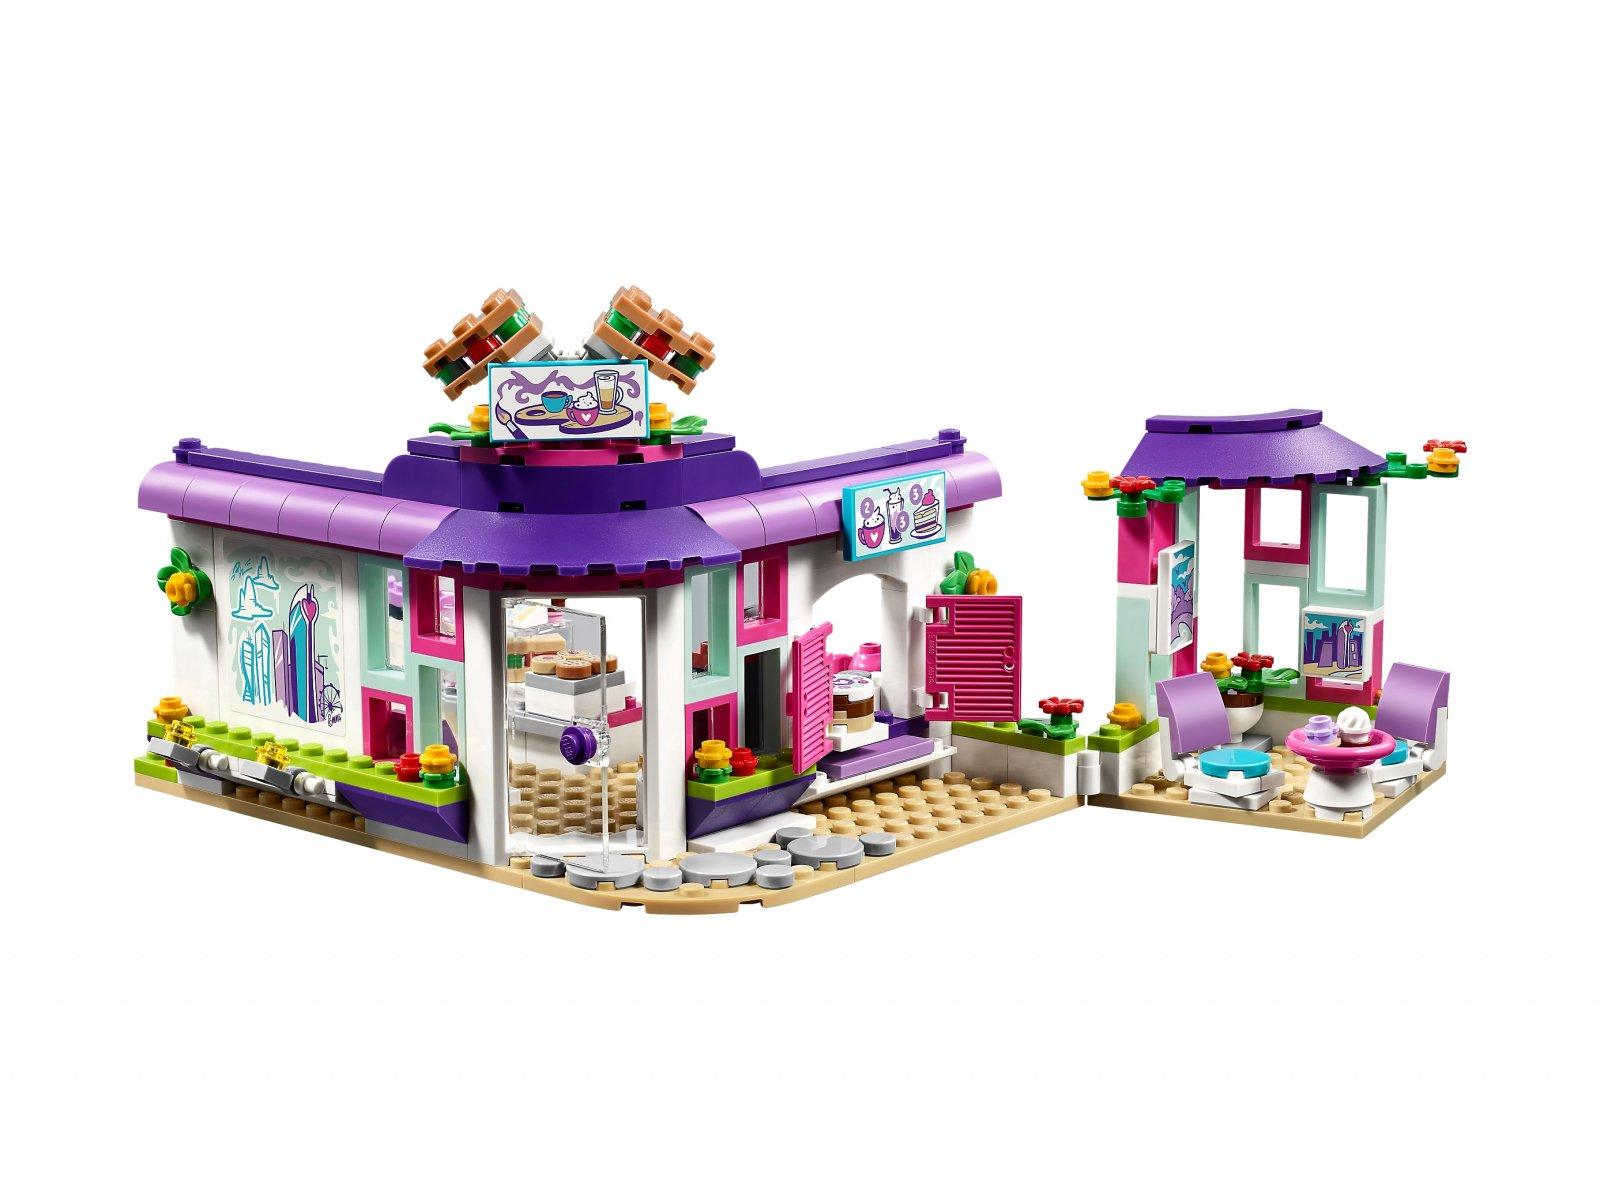 Lego 41336 Friends Artystyczna Kawiarnia Emmy Zklockówpl